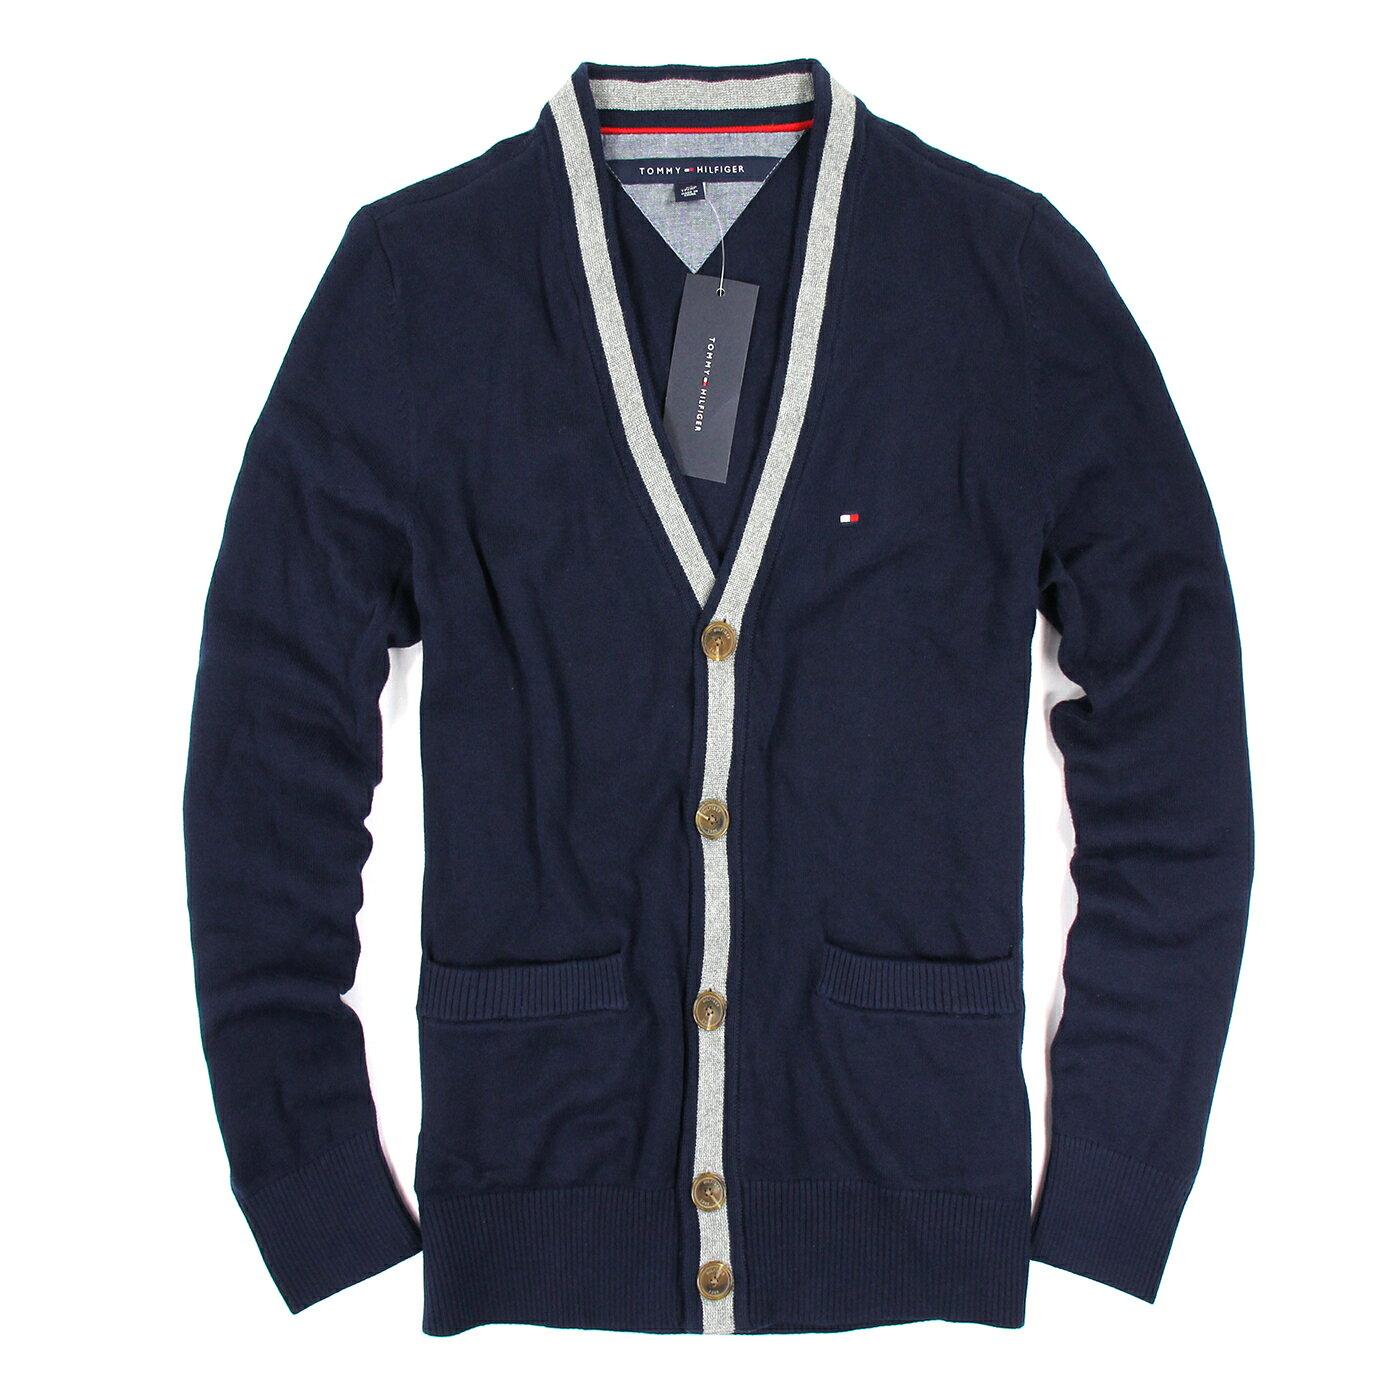 美國百分百【Tommy Hilfiger】針織衫 TH 線衫 開襟 毛衣 外套 罩衫 學院風 深藍 XS S號 E881